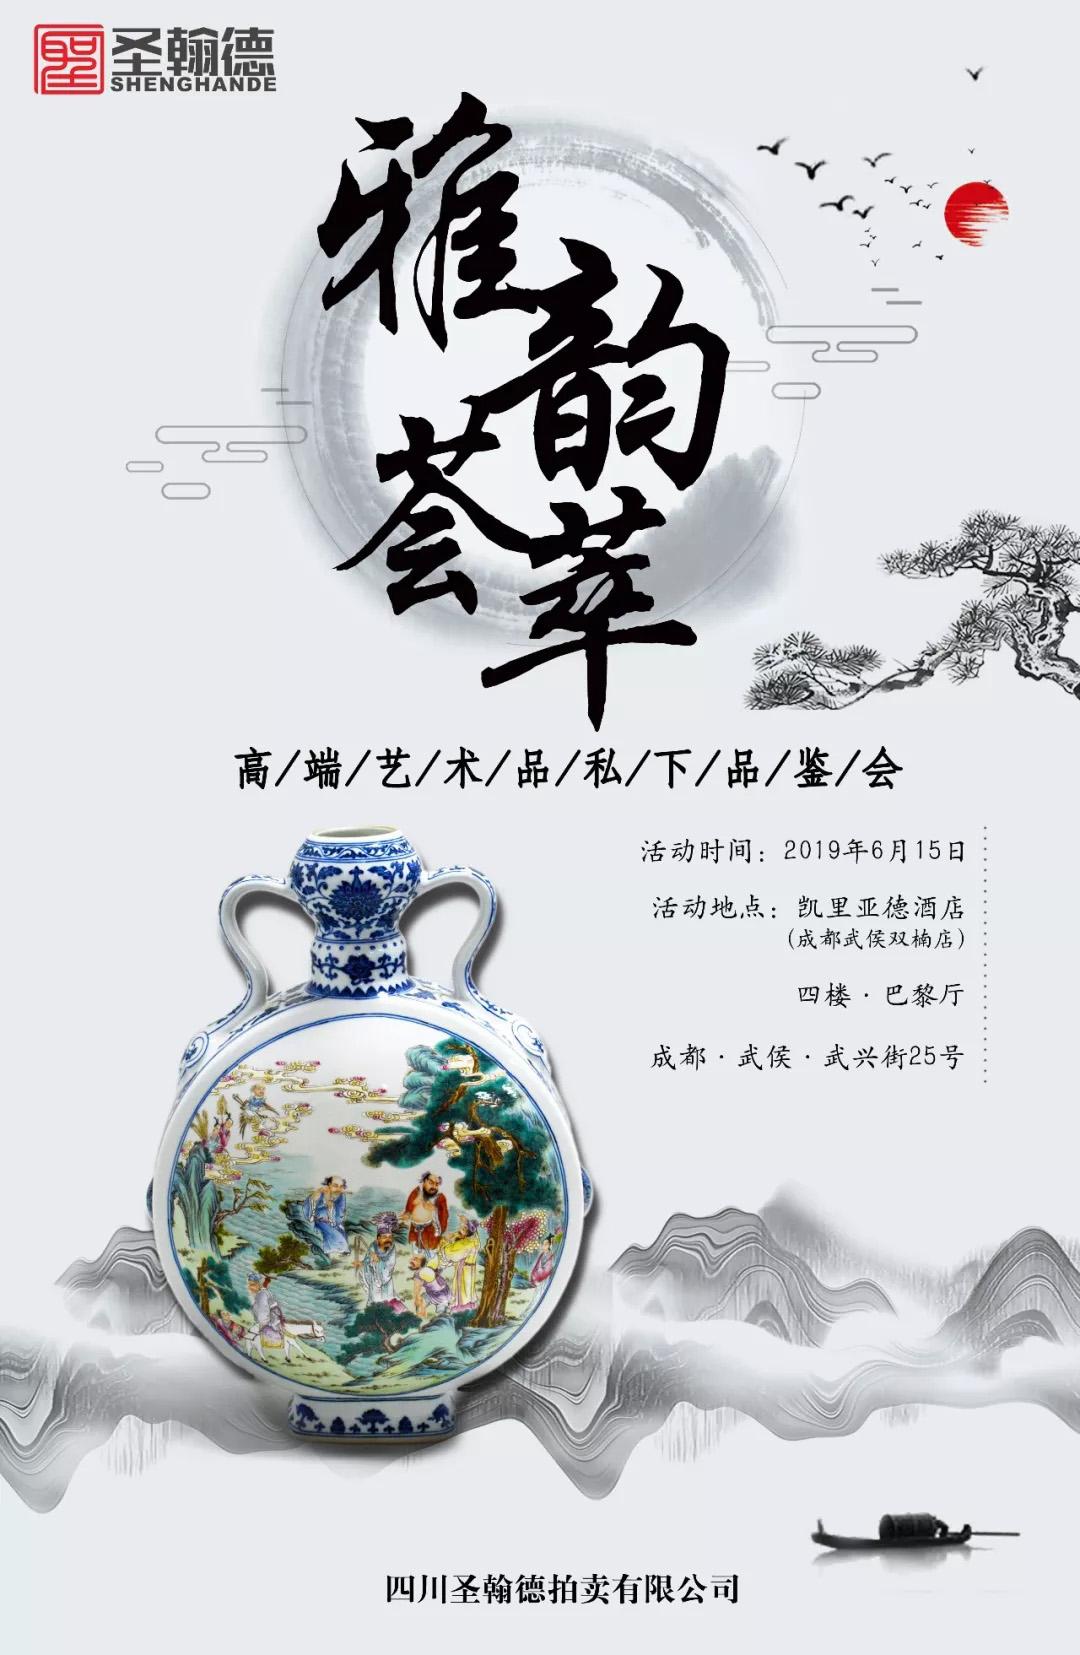 雅韵荟萃·高端艺术品私下品鉴会